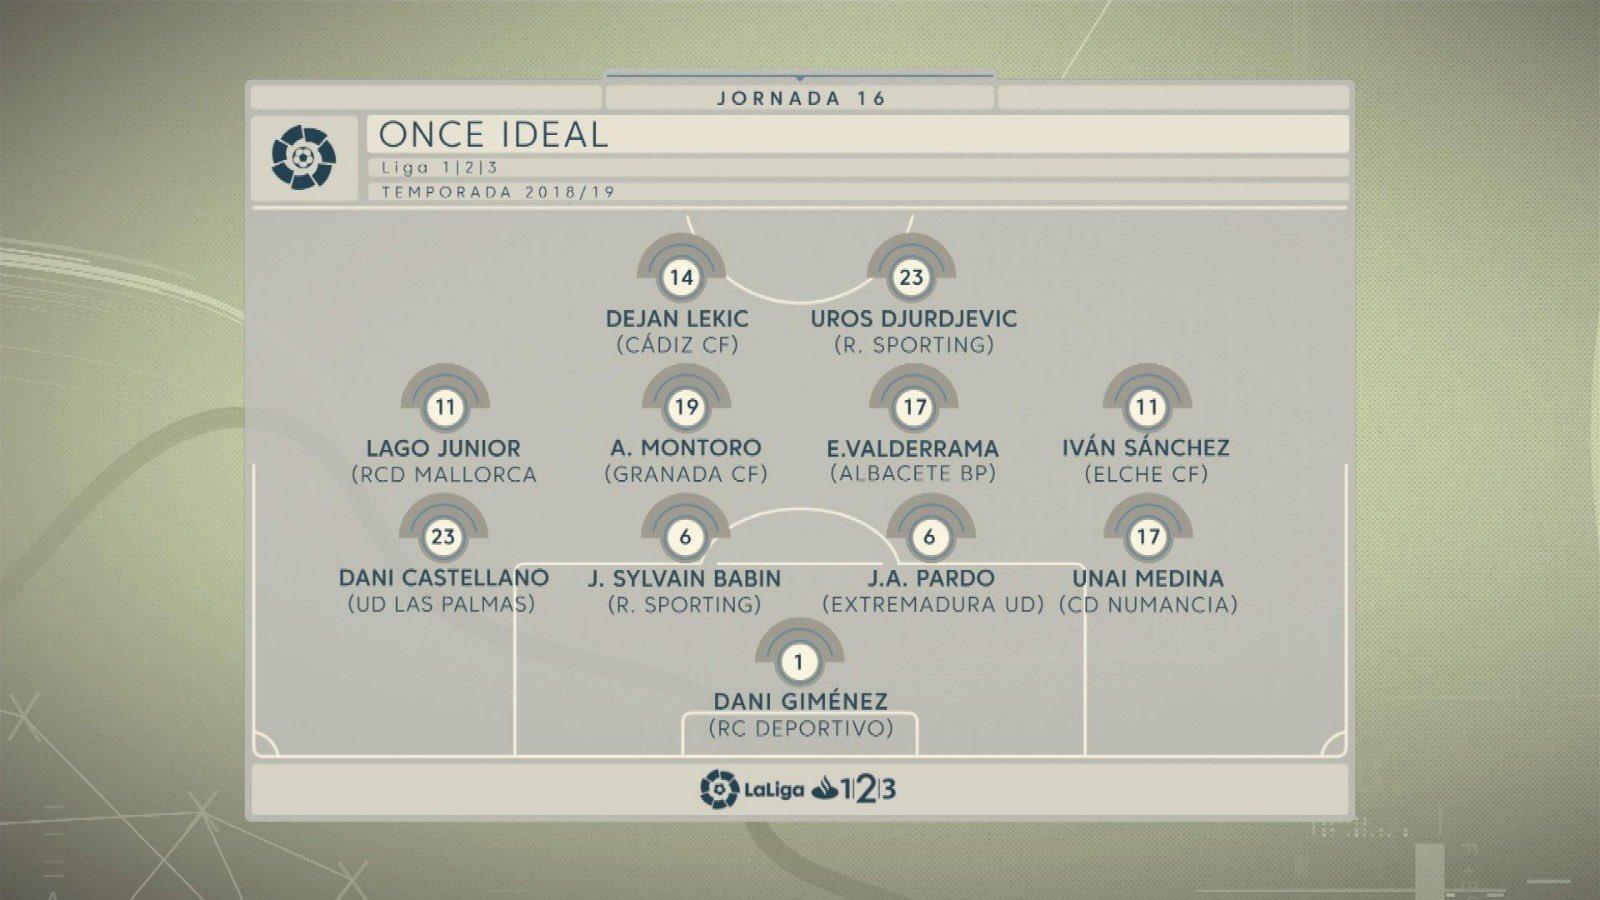 Once ideal de la jornada 16 en LaLiga 1|2|3 (foto: LaLiga).